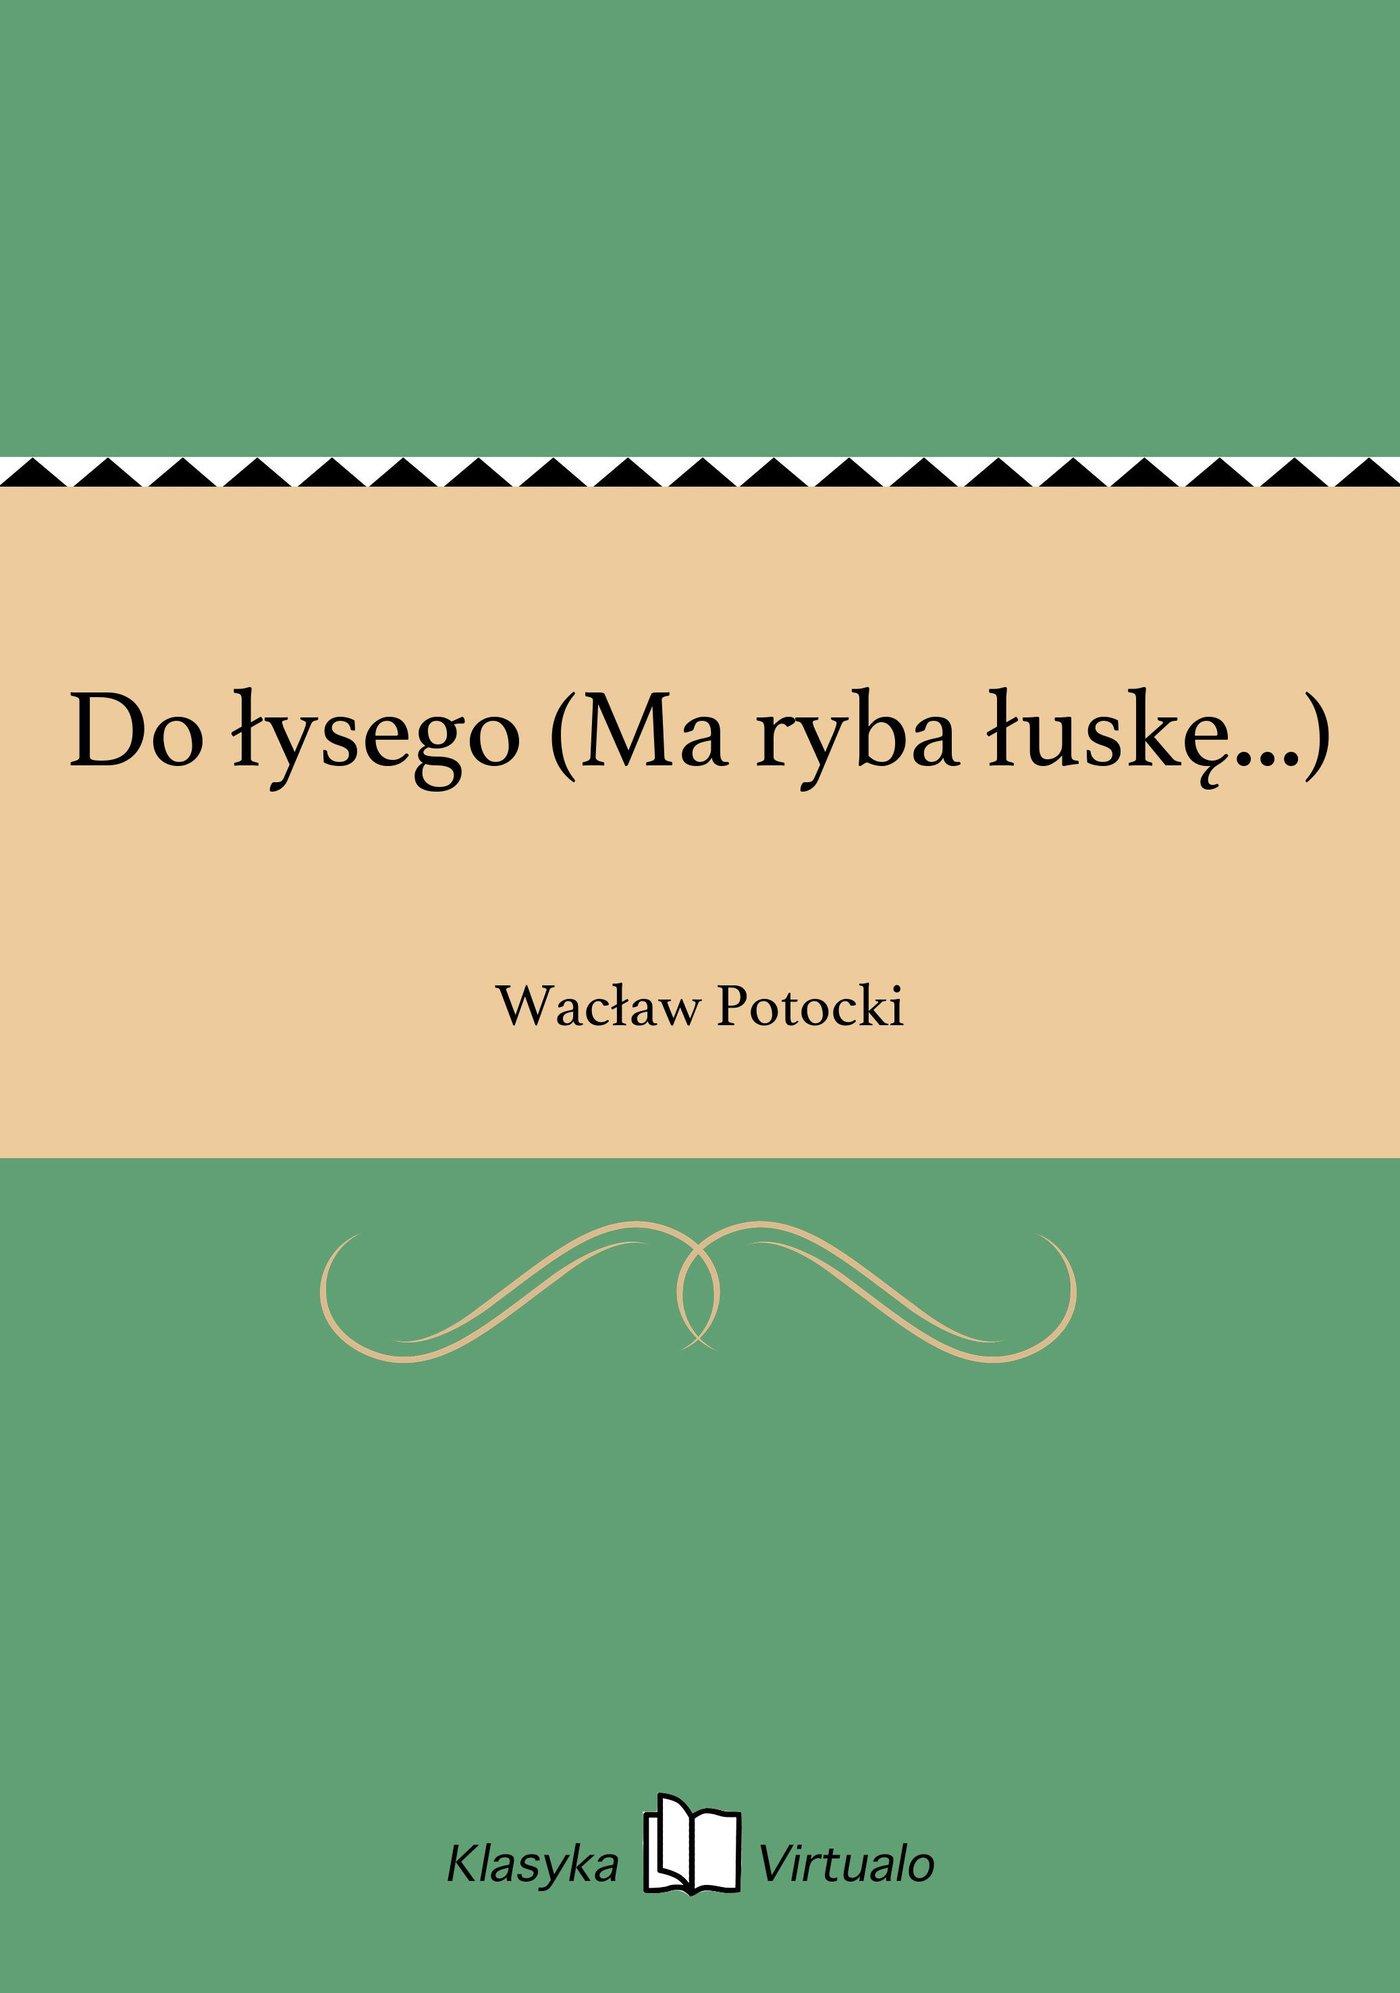 Do łysego (Ma ryba łuskę...) - Ebook (Książka na Kindle) do pobrania w formacie MOBI